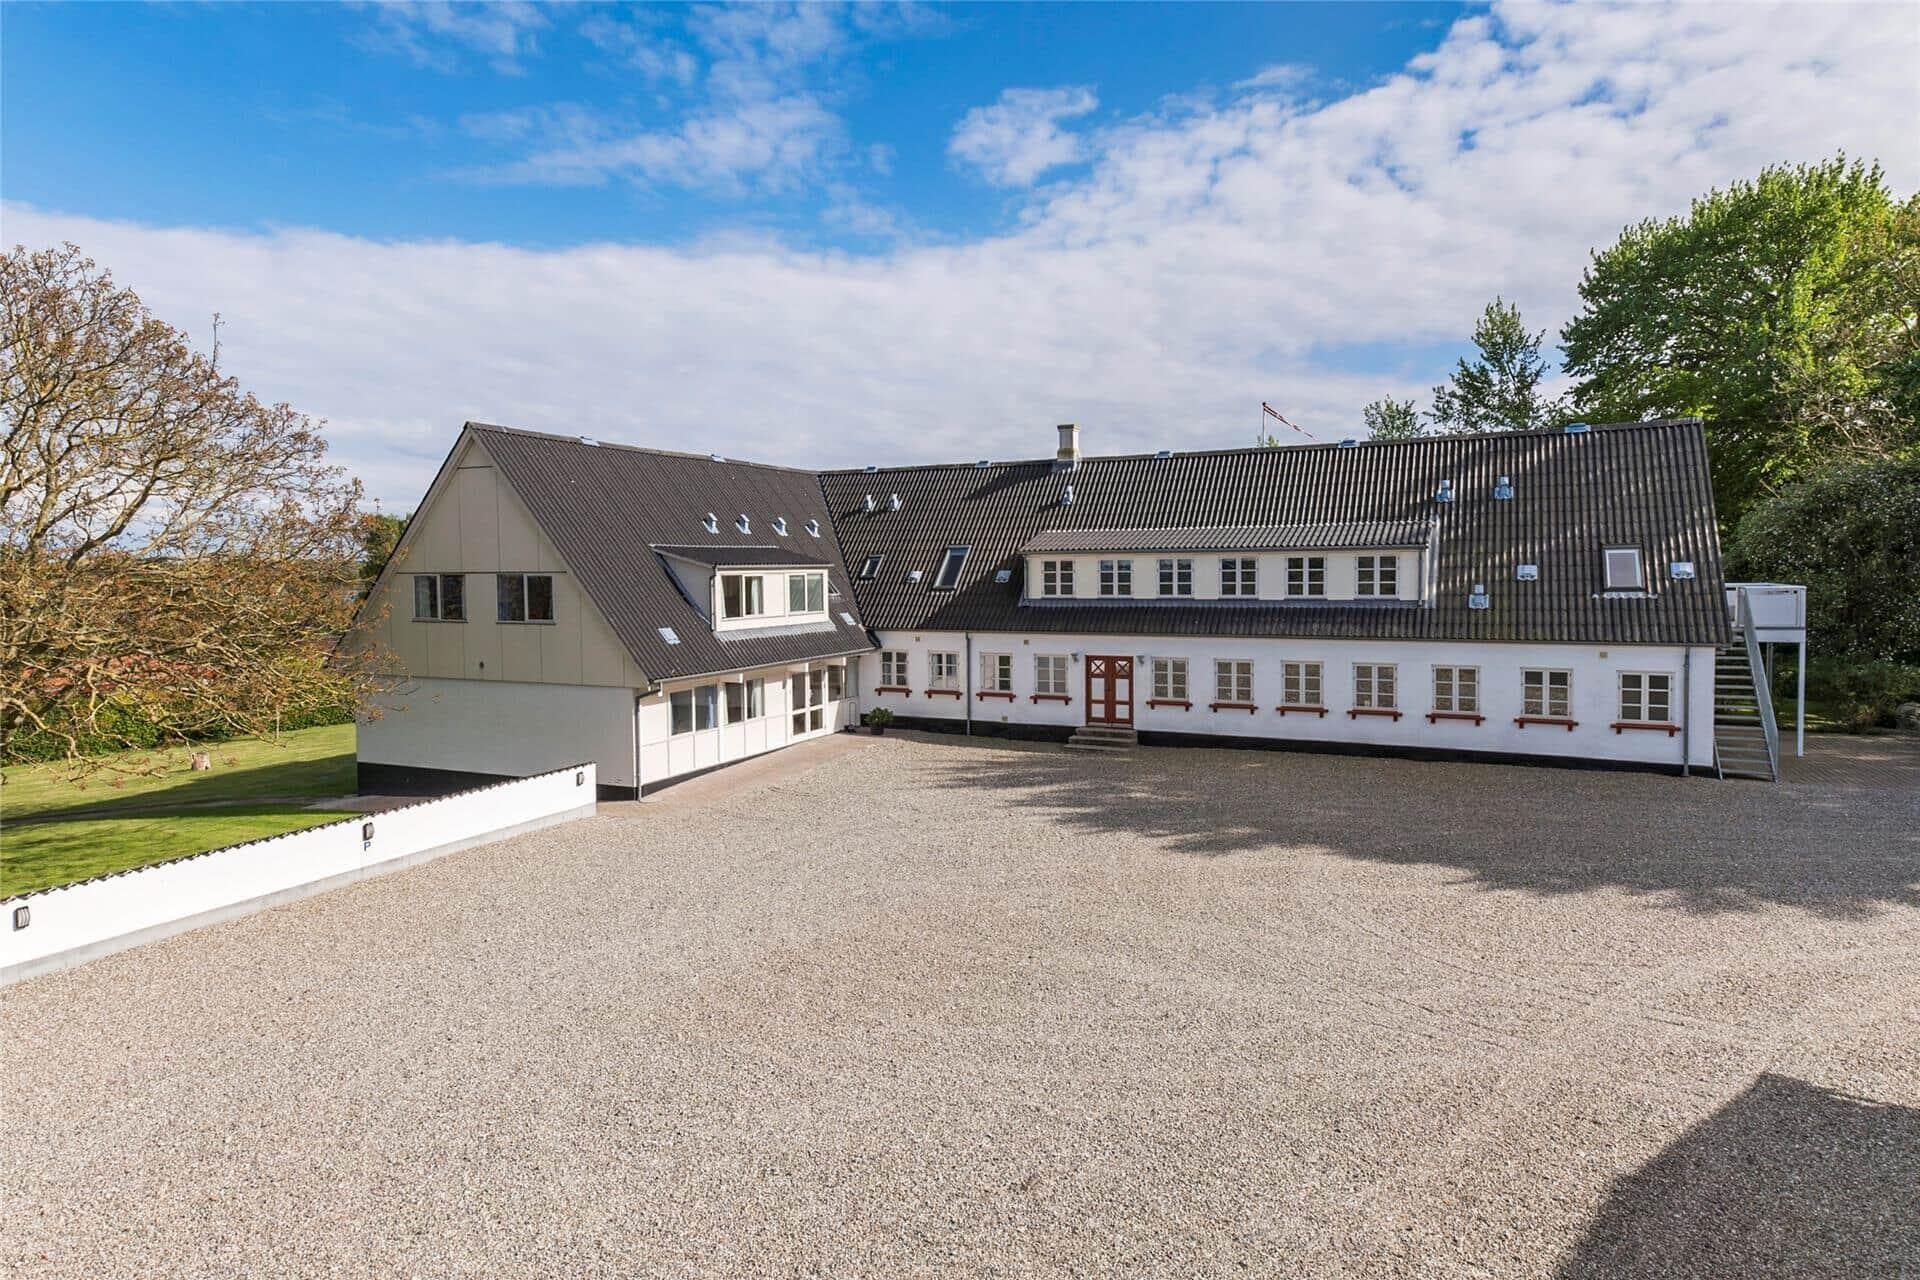 Billede 1-3 Sommerhus M70275, Borgnæsvej 4, DK - 5970 Ærøskøbing